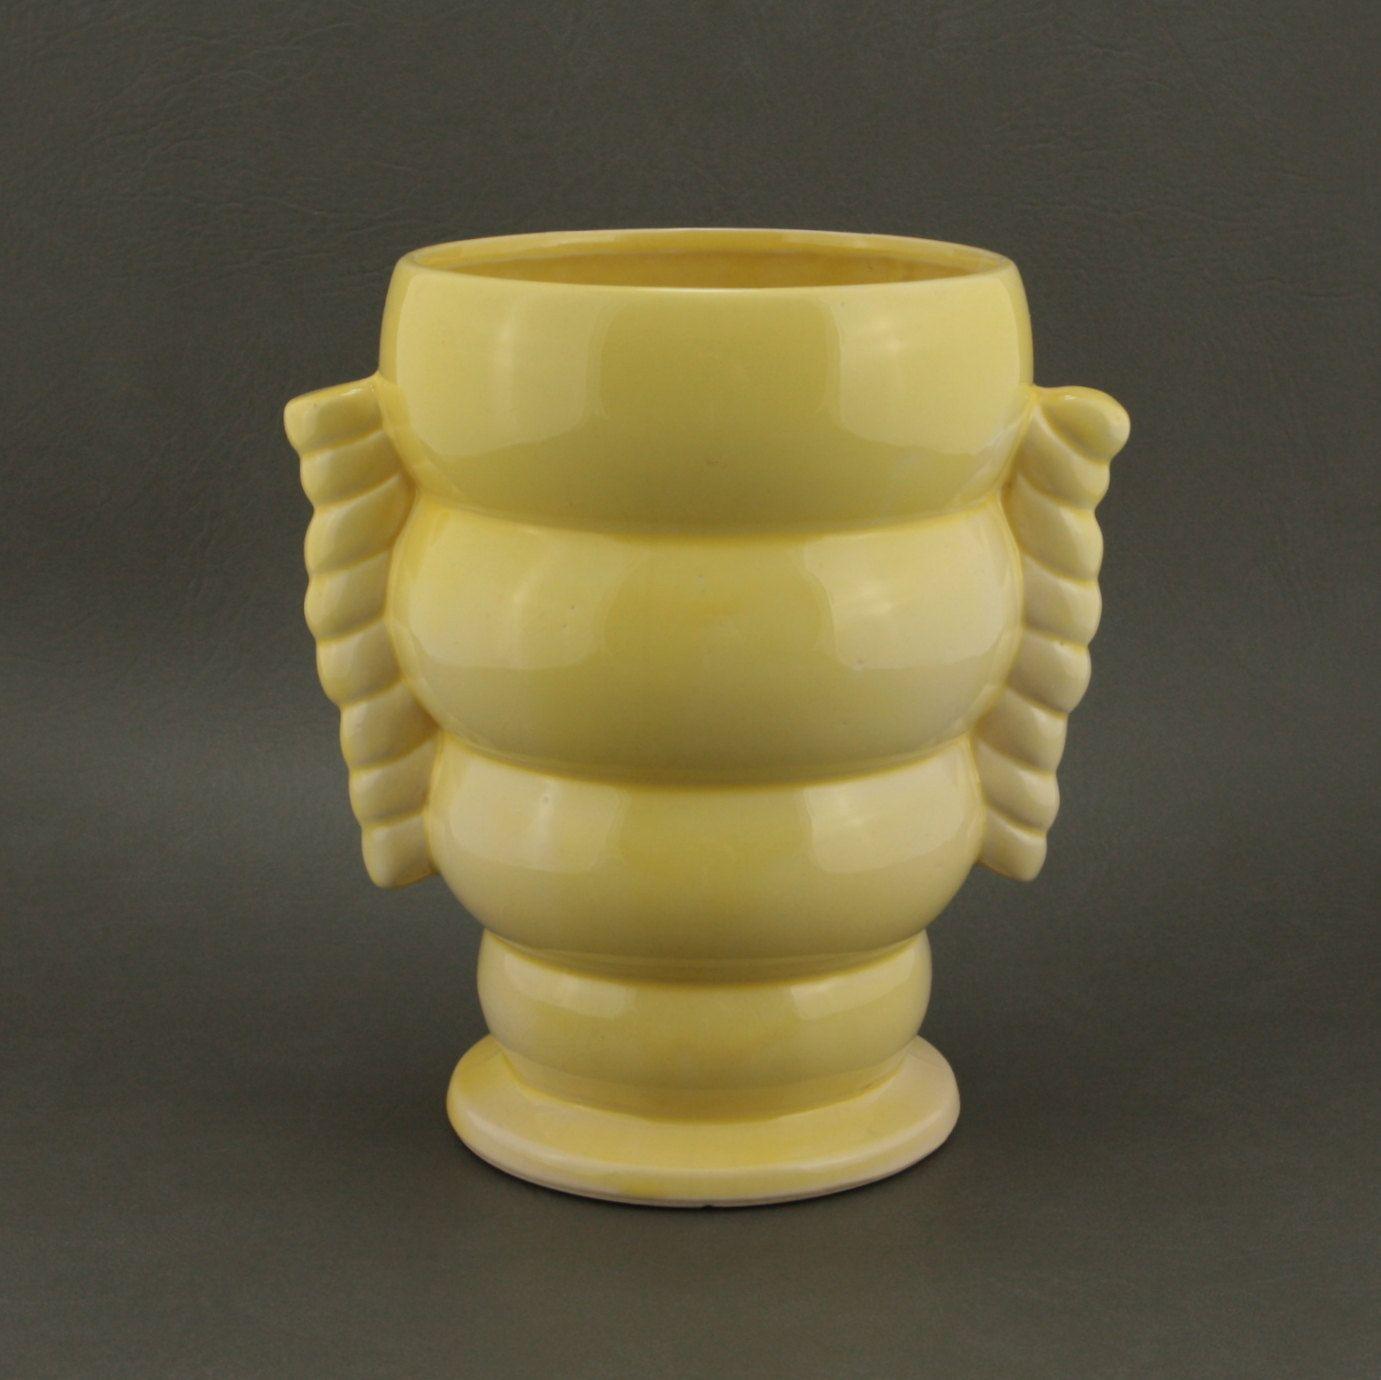 Mccoy pottery ceramic yellow vase htf vtg mccoy pottery yellow mccoy pottery ceramic yellow vase htf vtg reviewsmspy